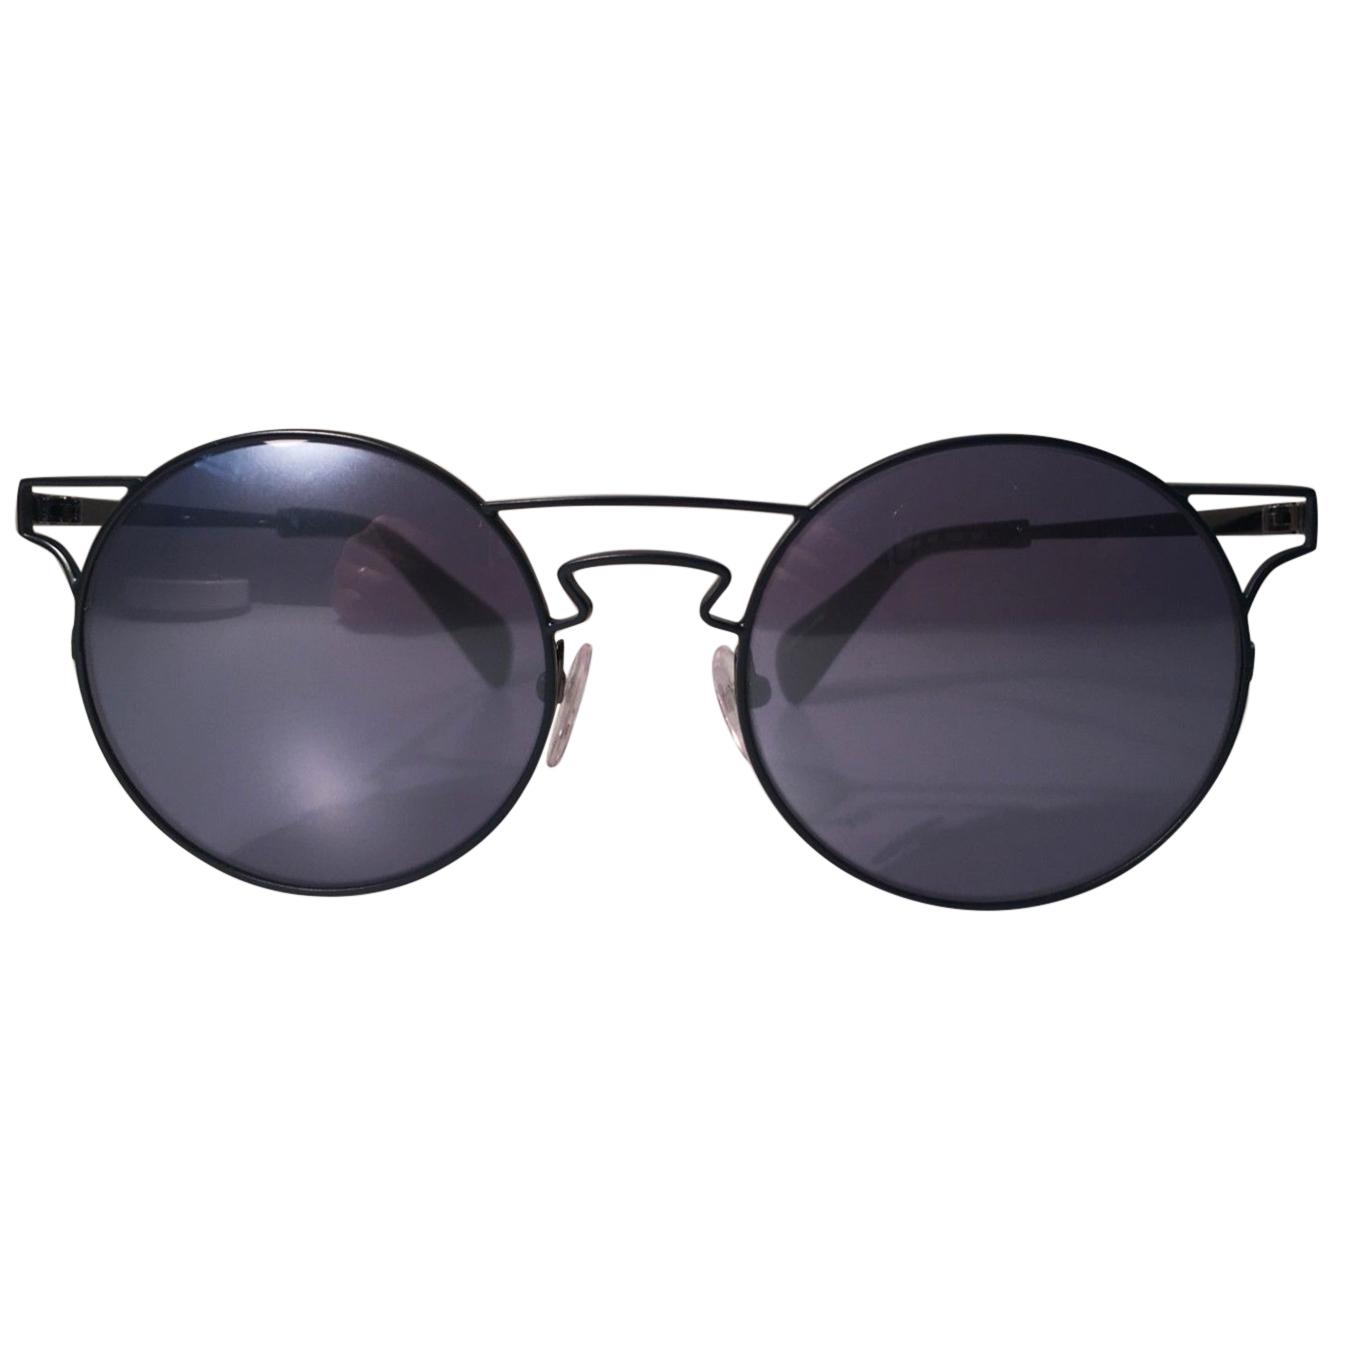 Yohji Yamamoto Men's Round Frame Sunglasses